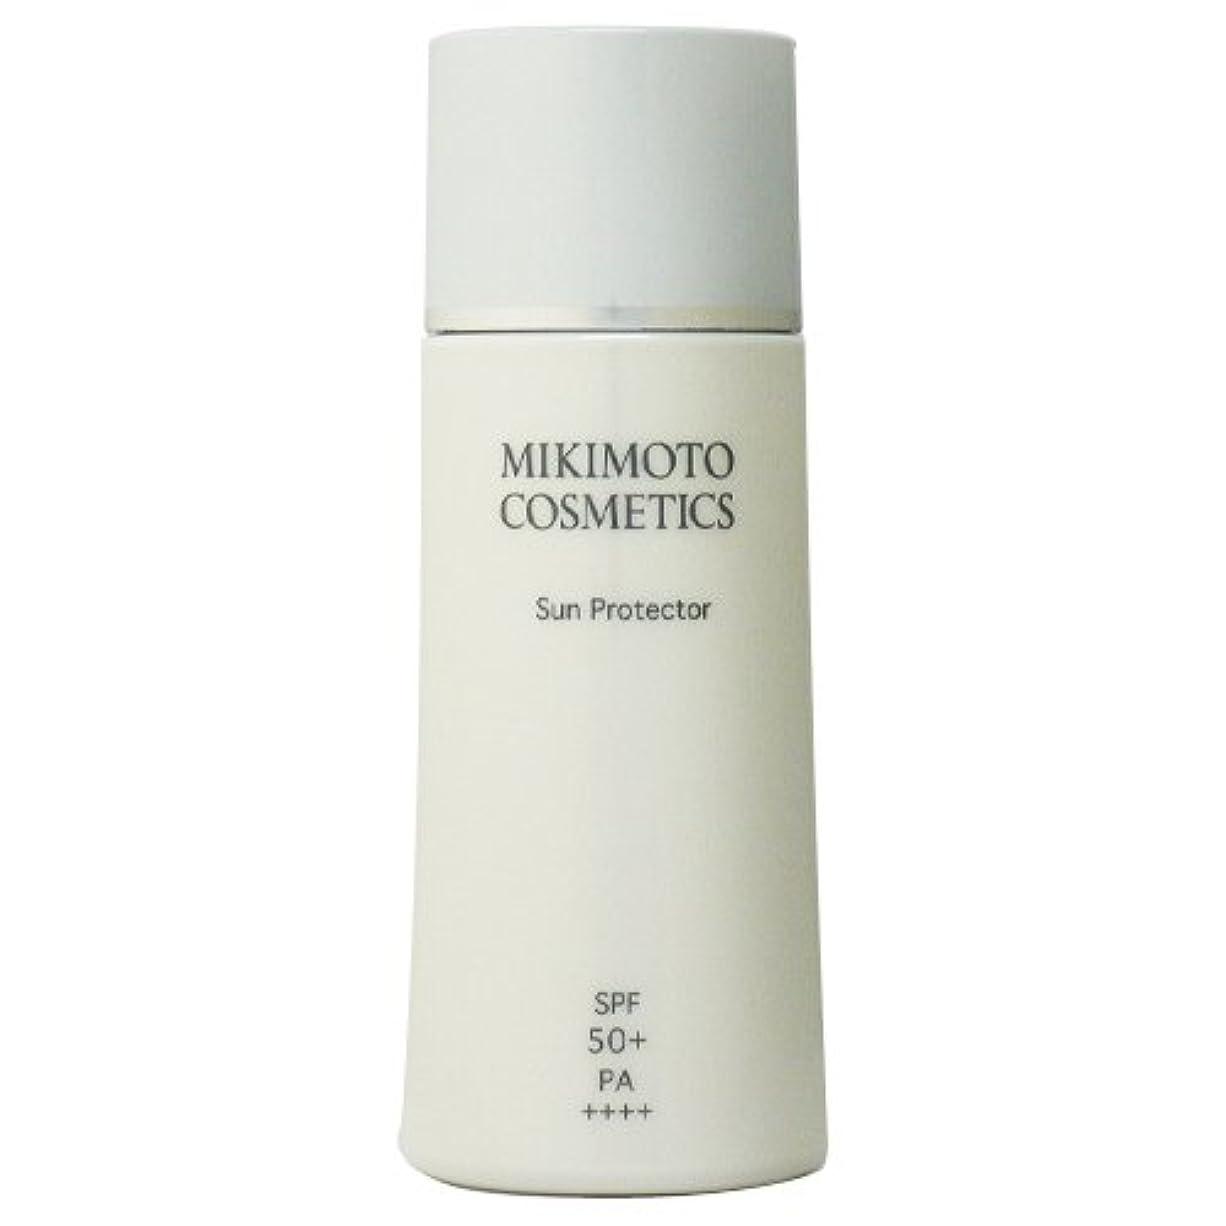 外交問題シーフードアブセイミキモト化粧品 MIKIMOTO コスメティックス サンプロテクター SPF50+ PA++++ 40mL [ヘルスケア&ケア用品]